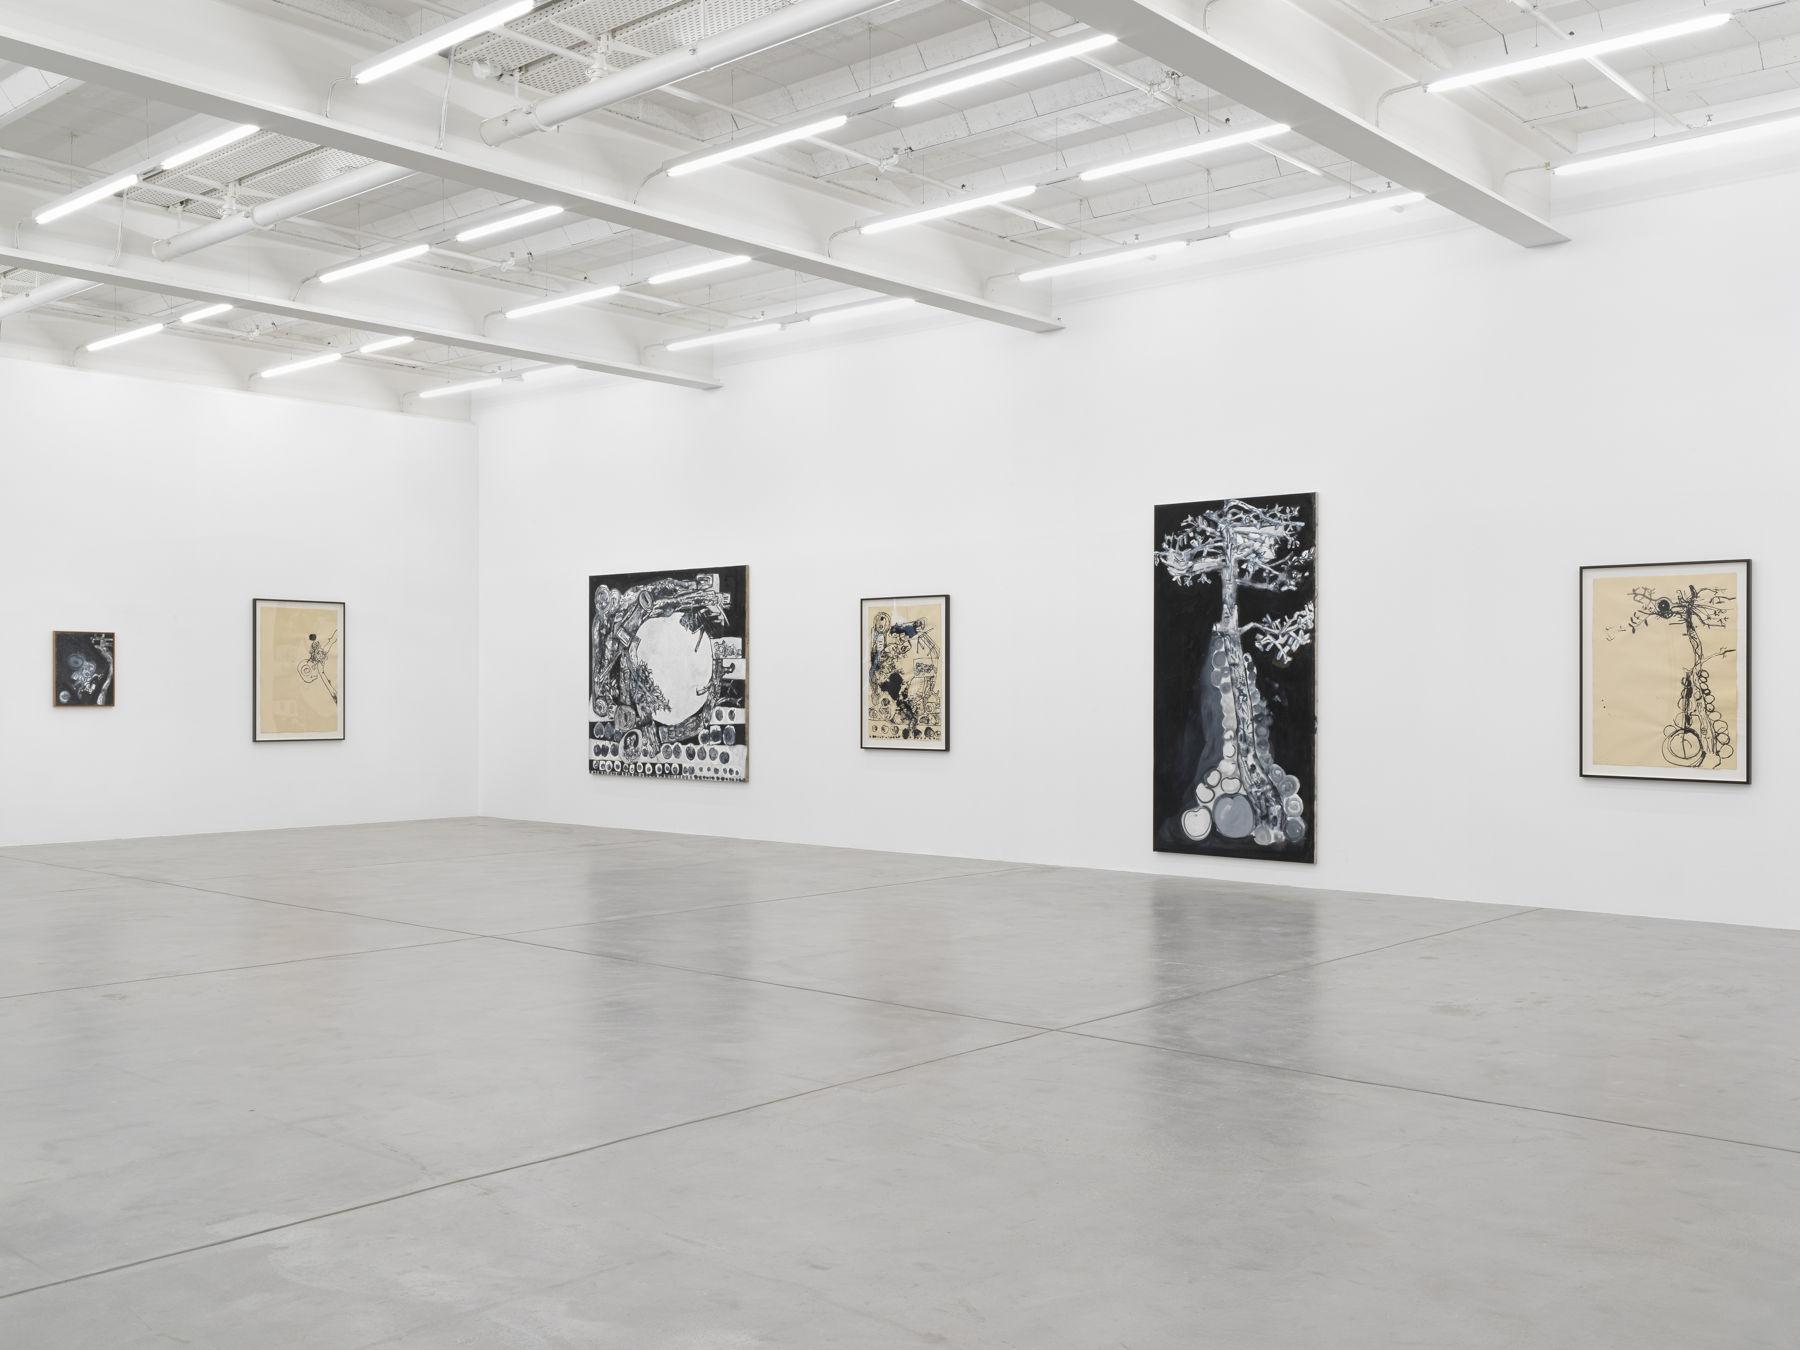 Galerie Eva Presenhuber Tobias Pils 1